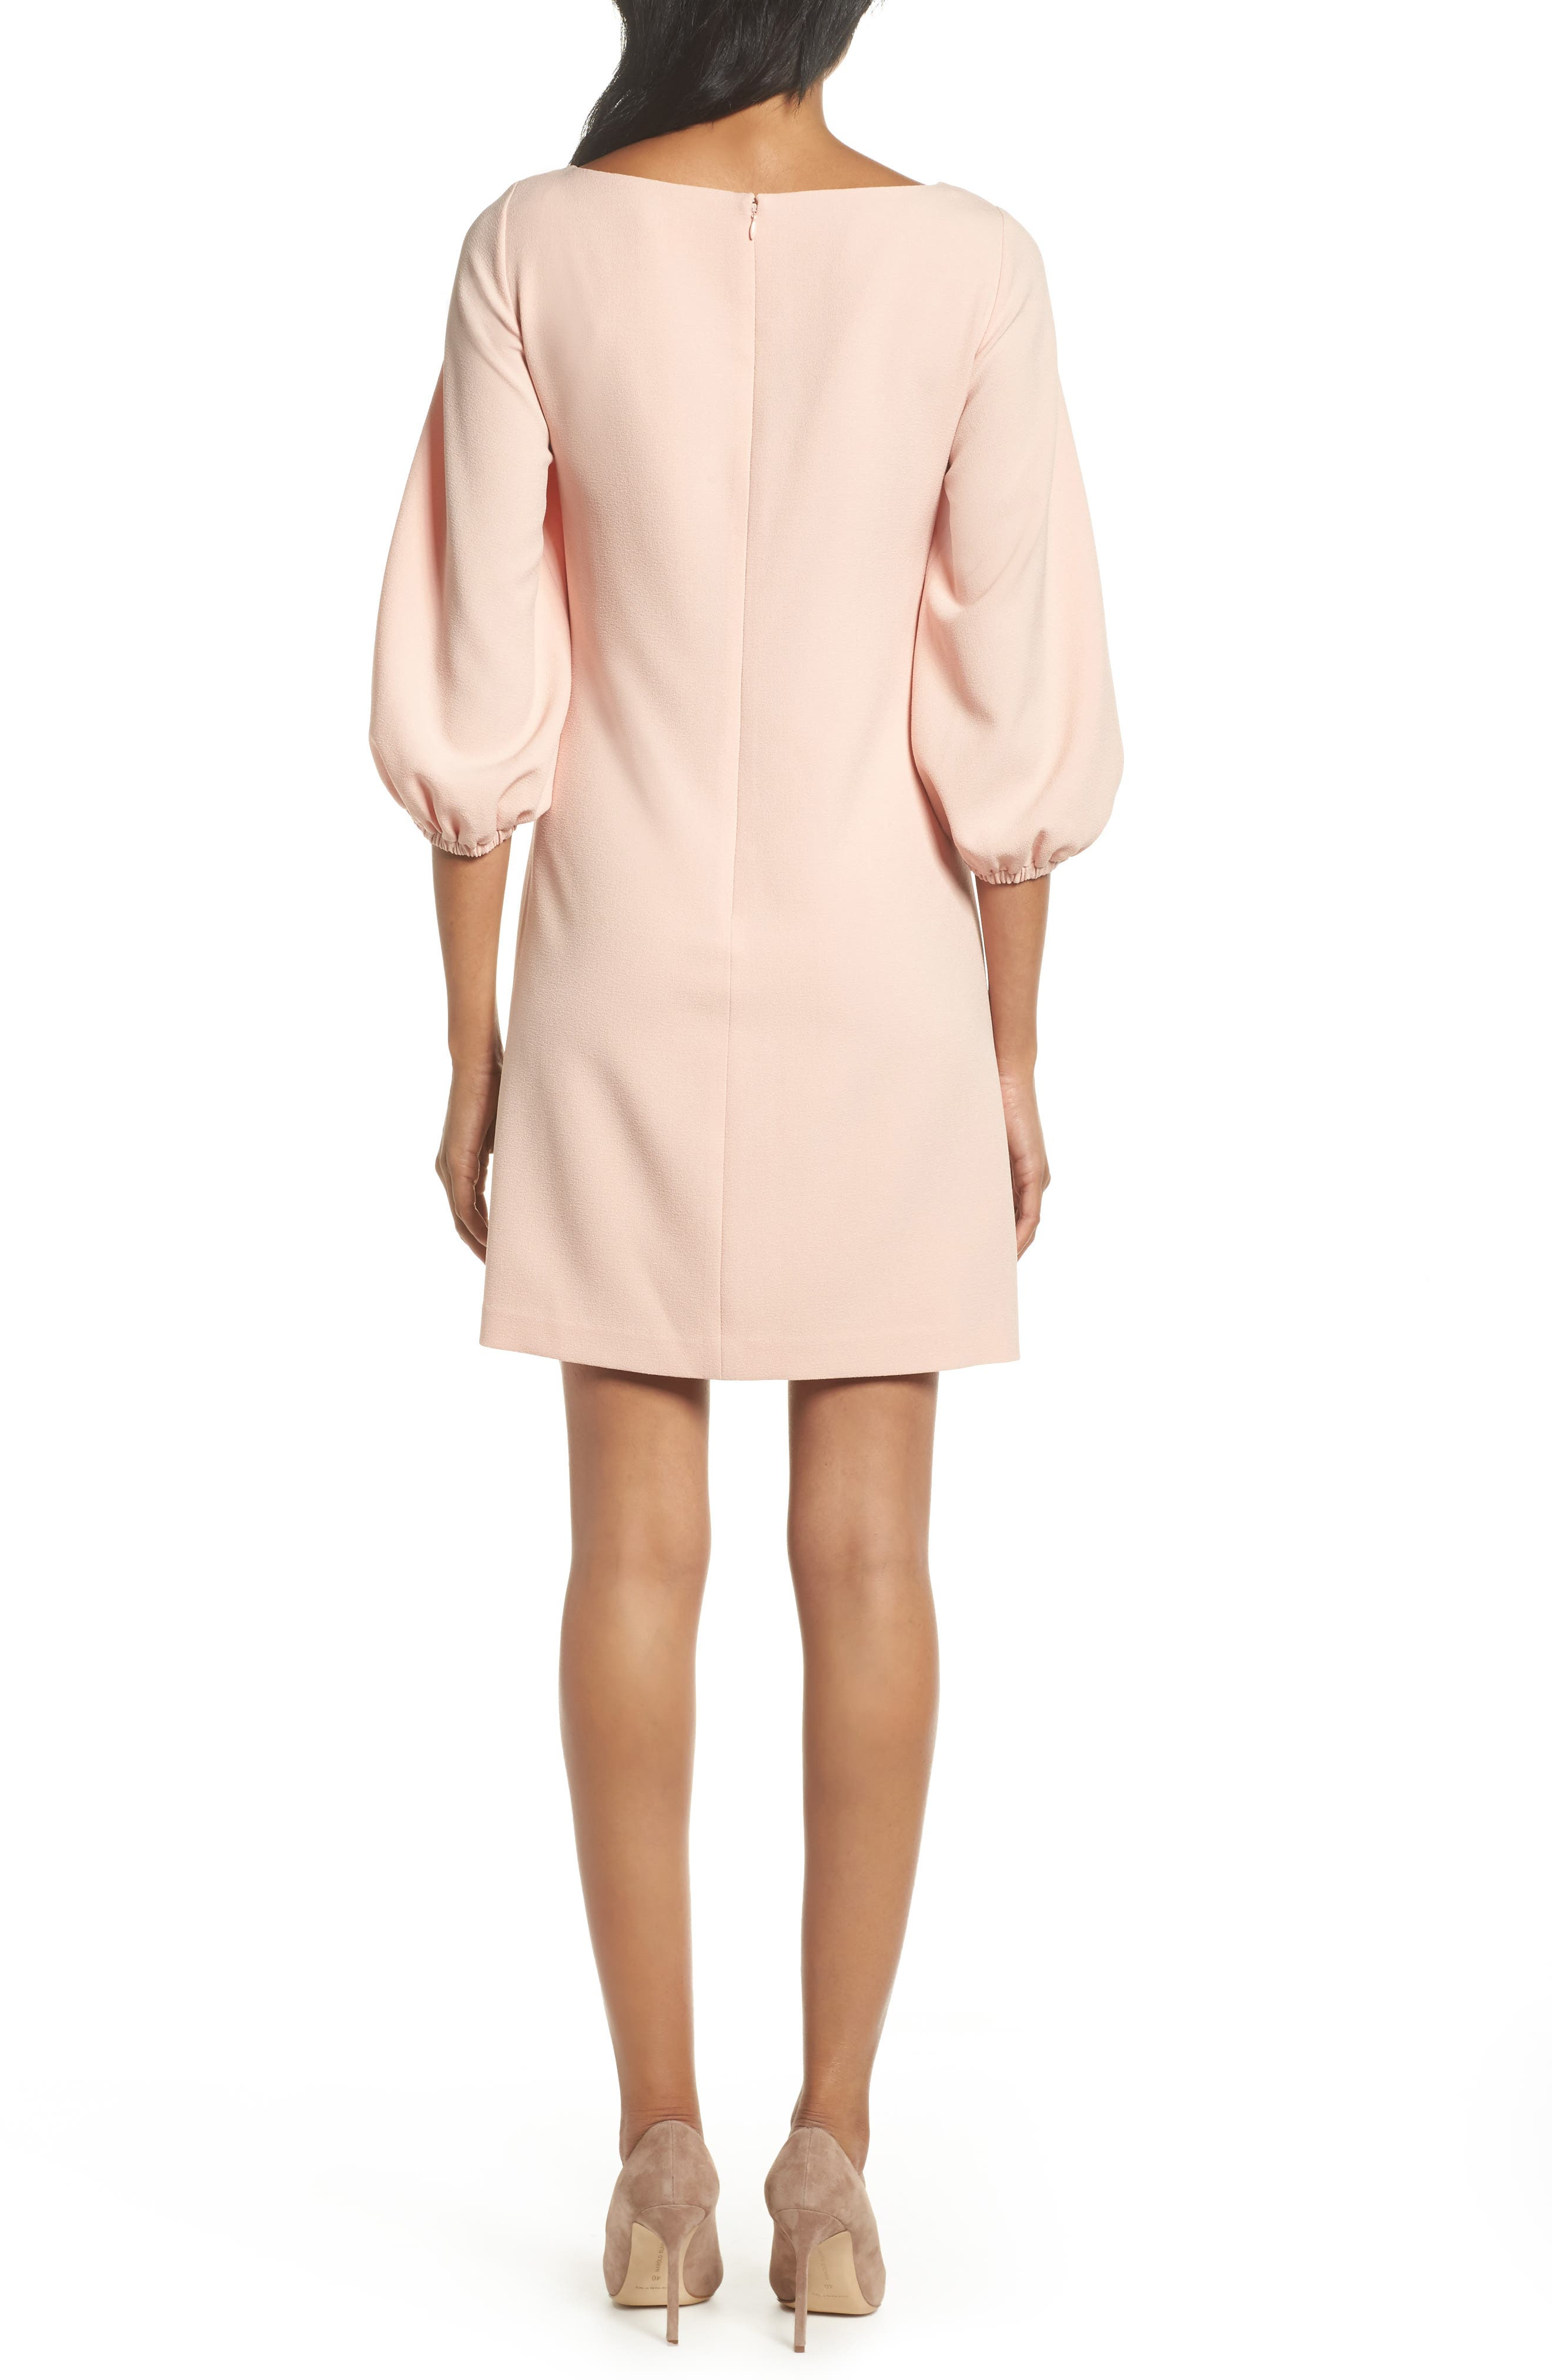 Bloused Sleeve Shift Dress,                             Alternate thumbnail 2, color,                             Blush